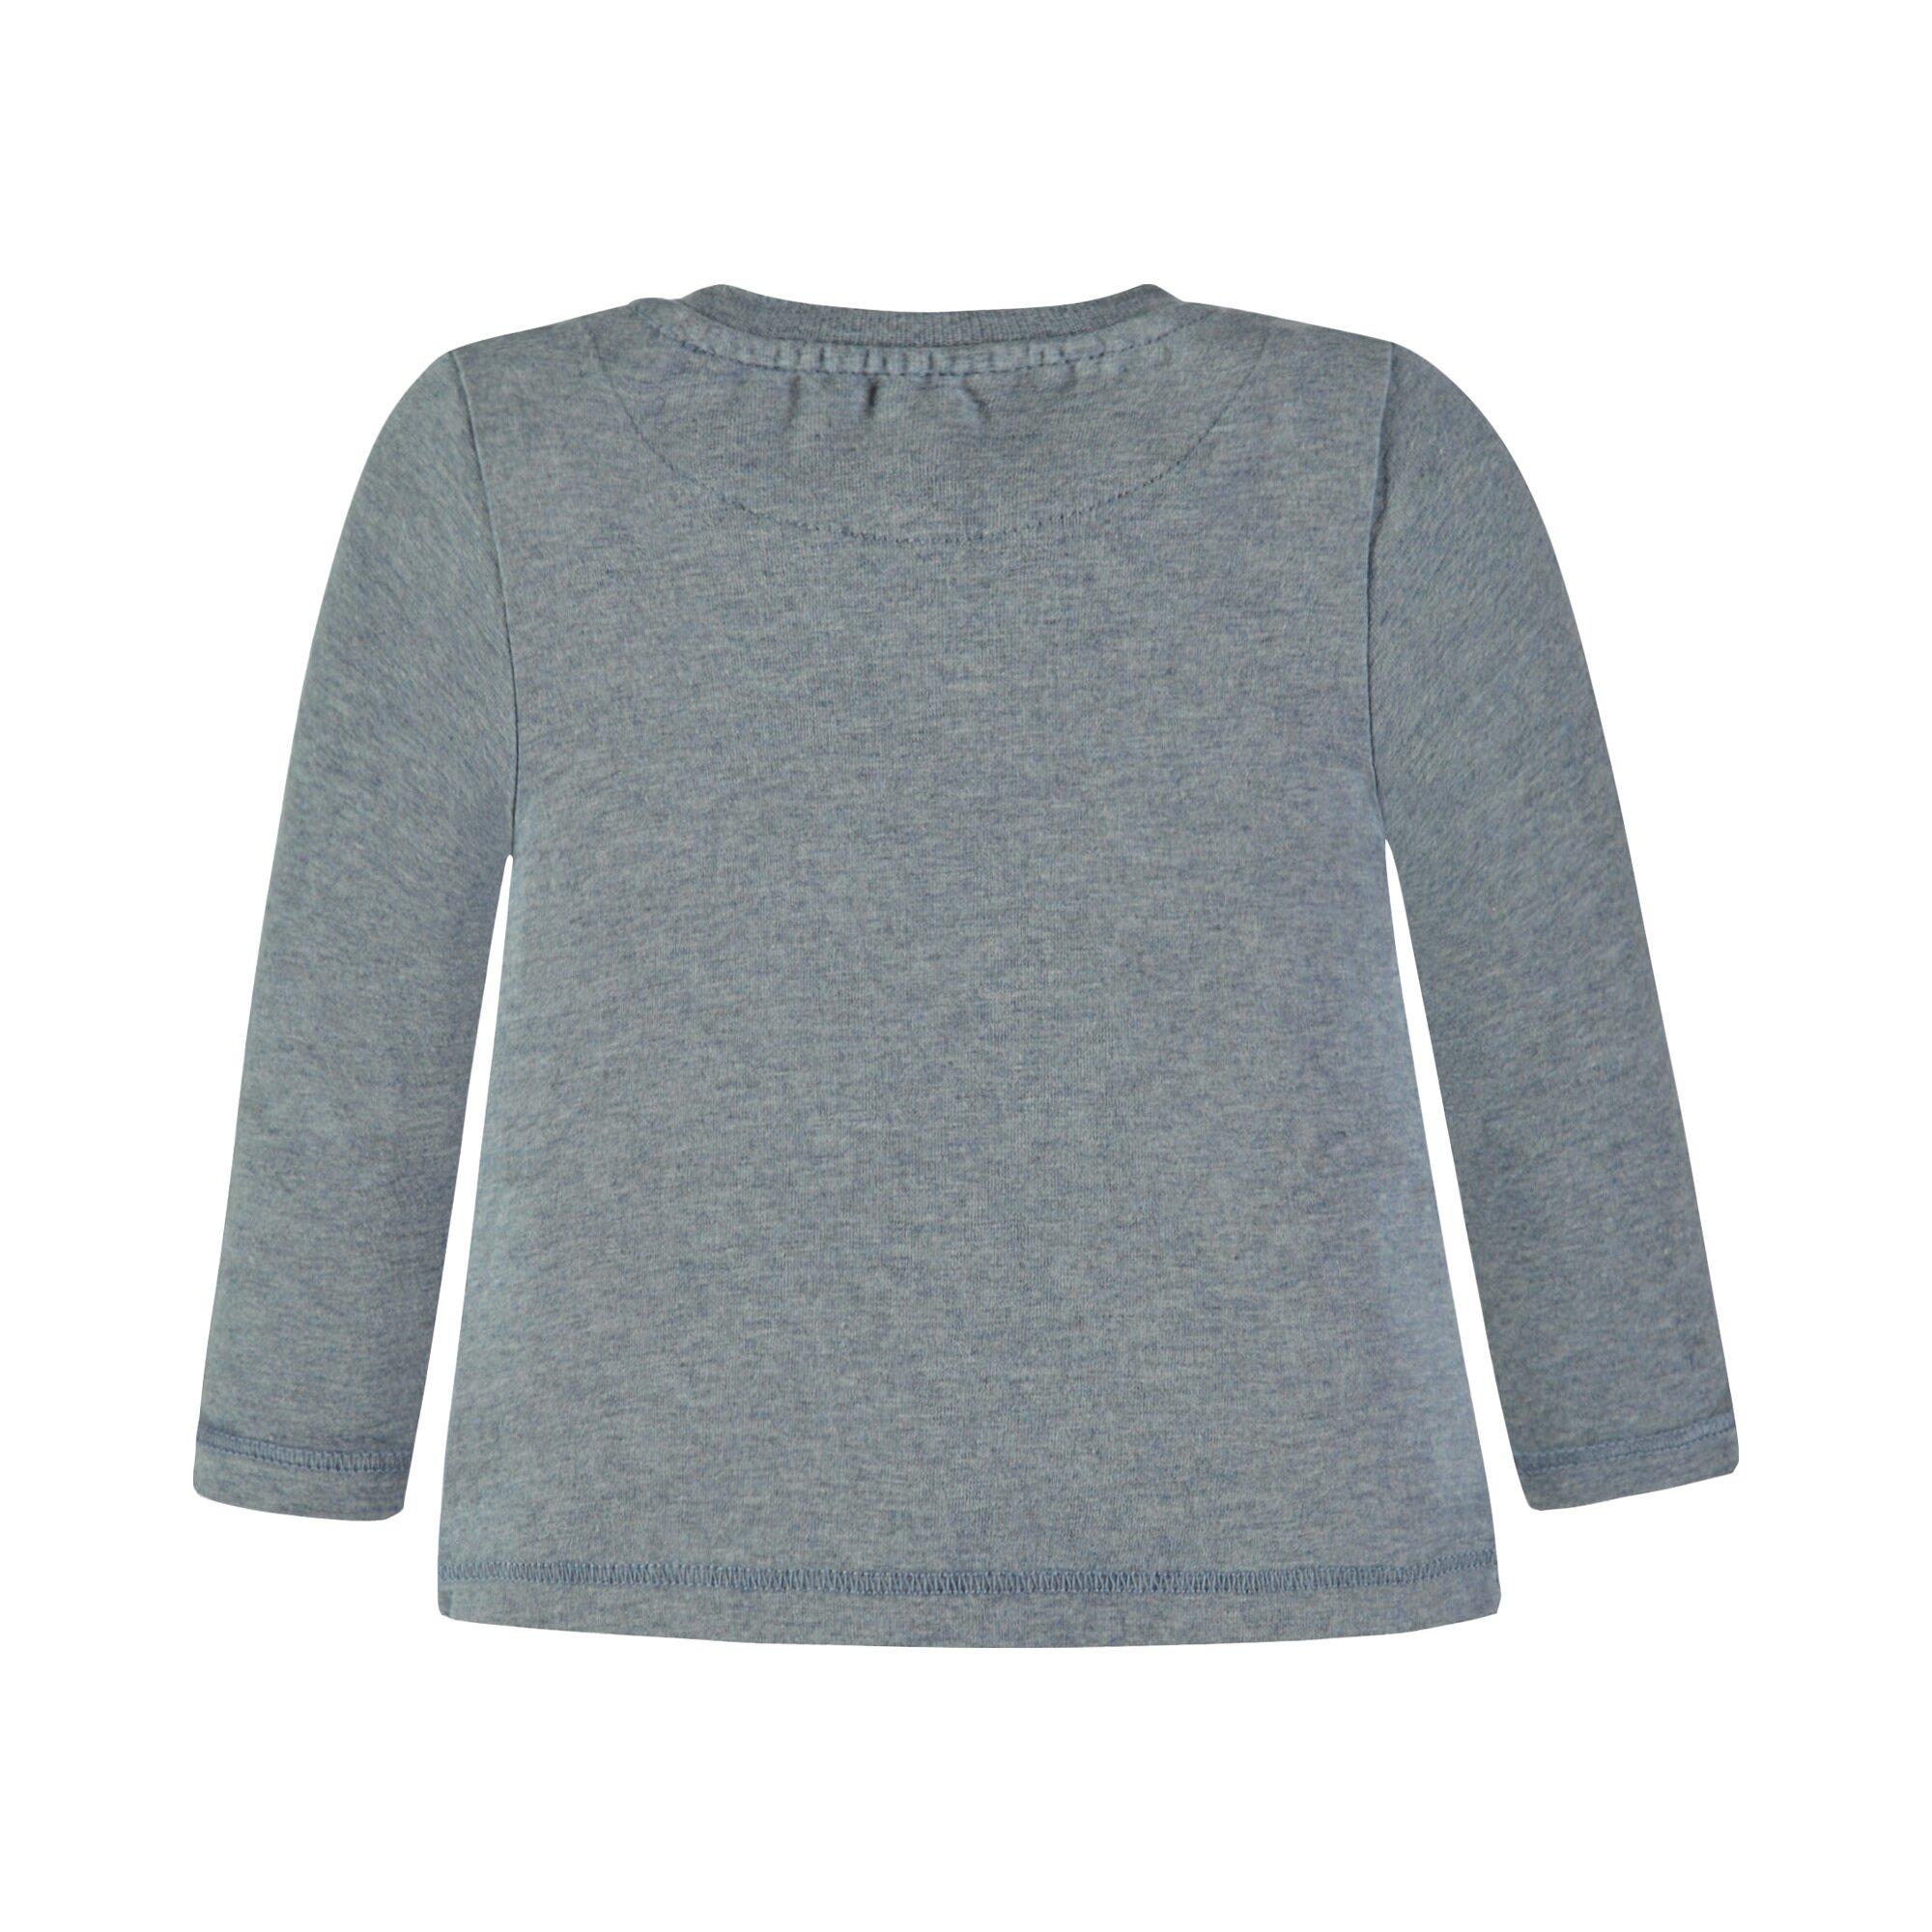 bellybutton-shirt-langarm-daddys-little-helper